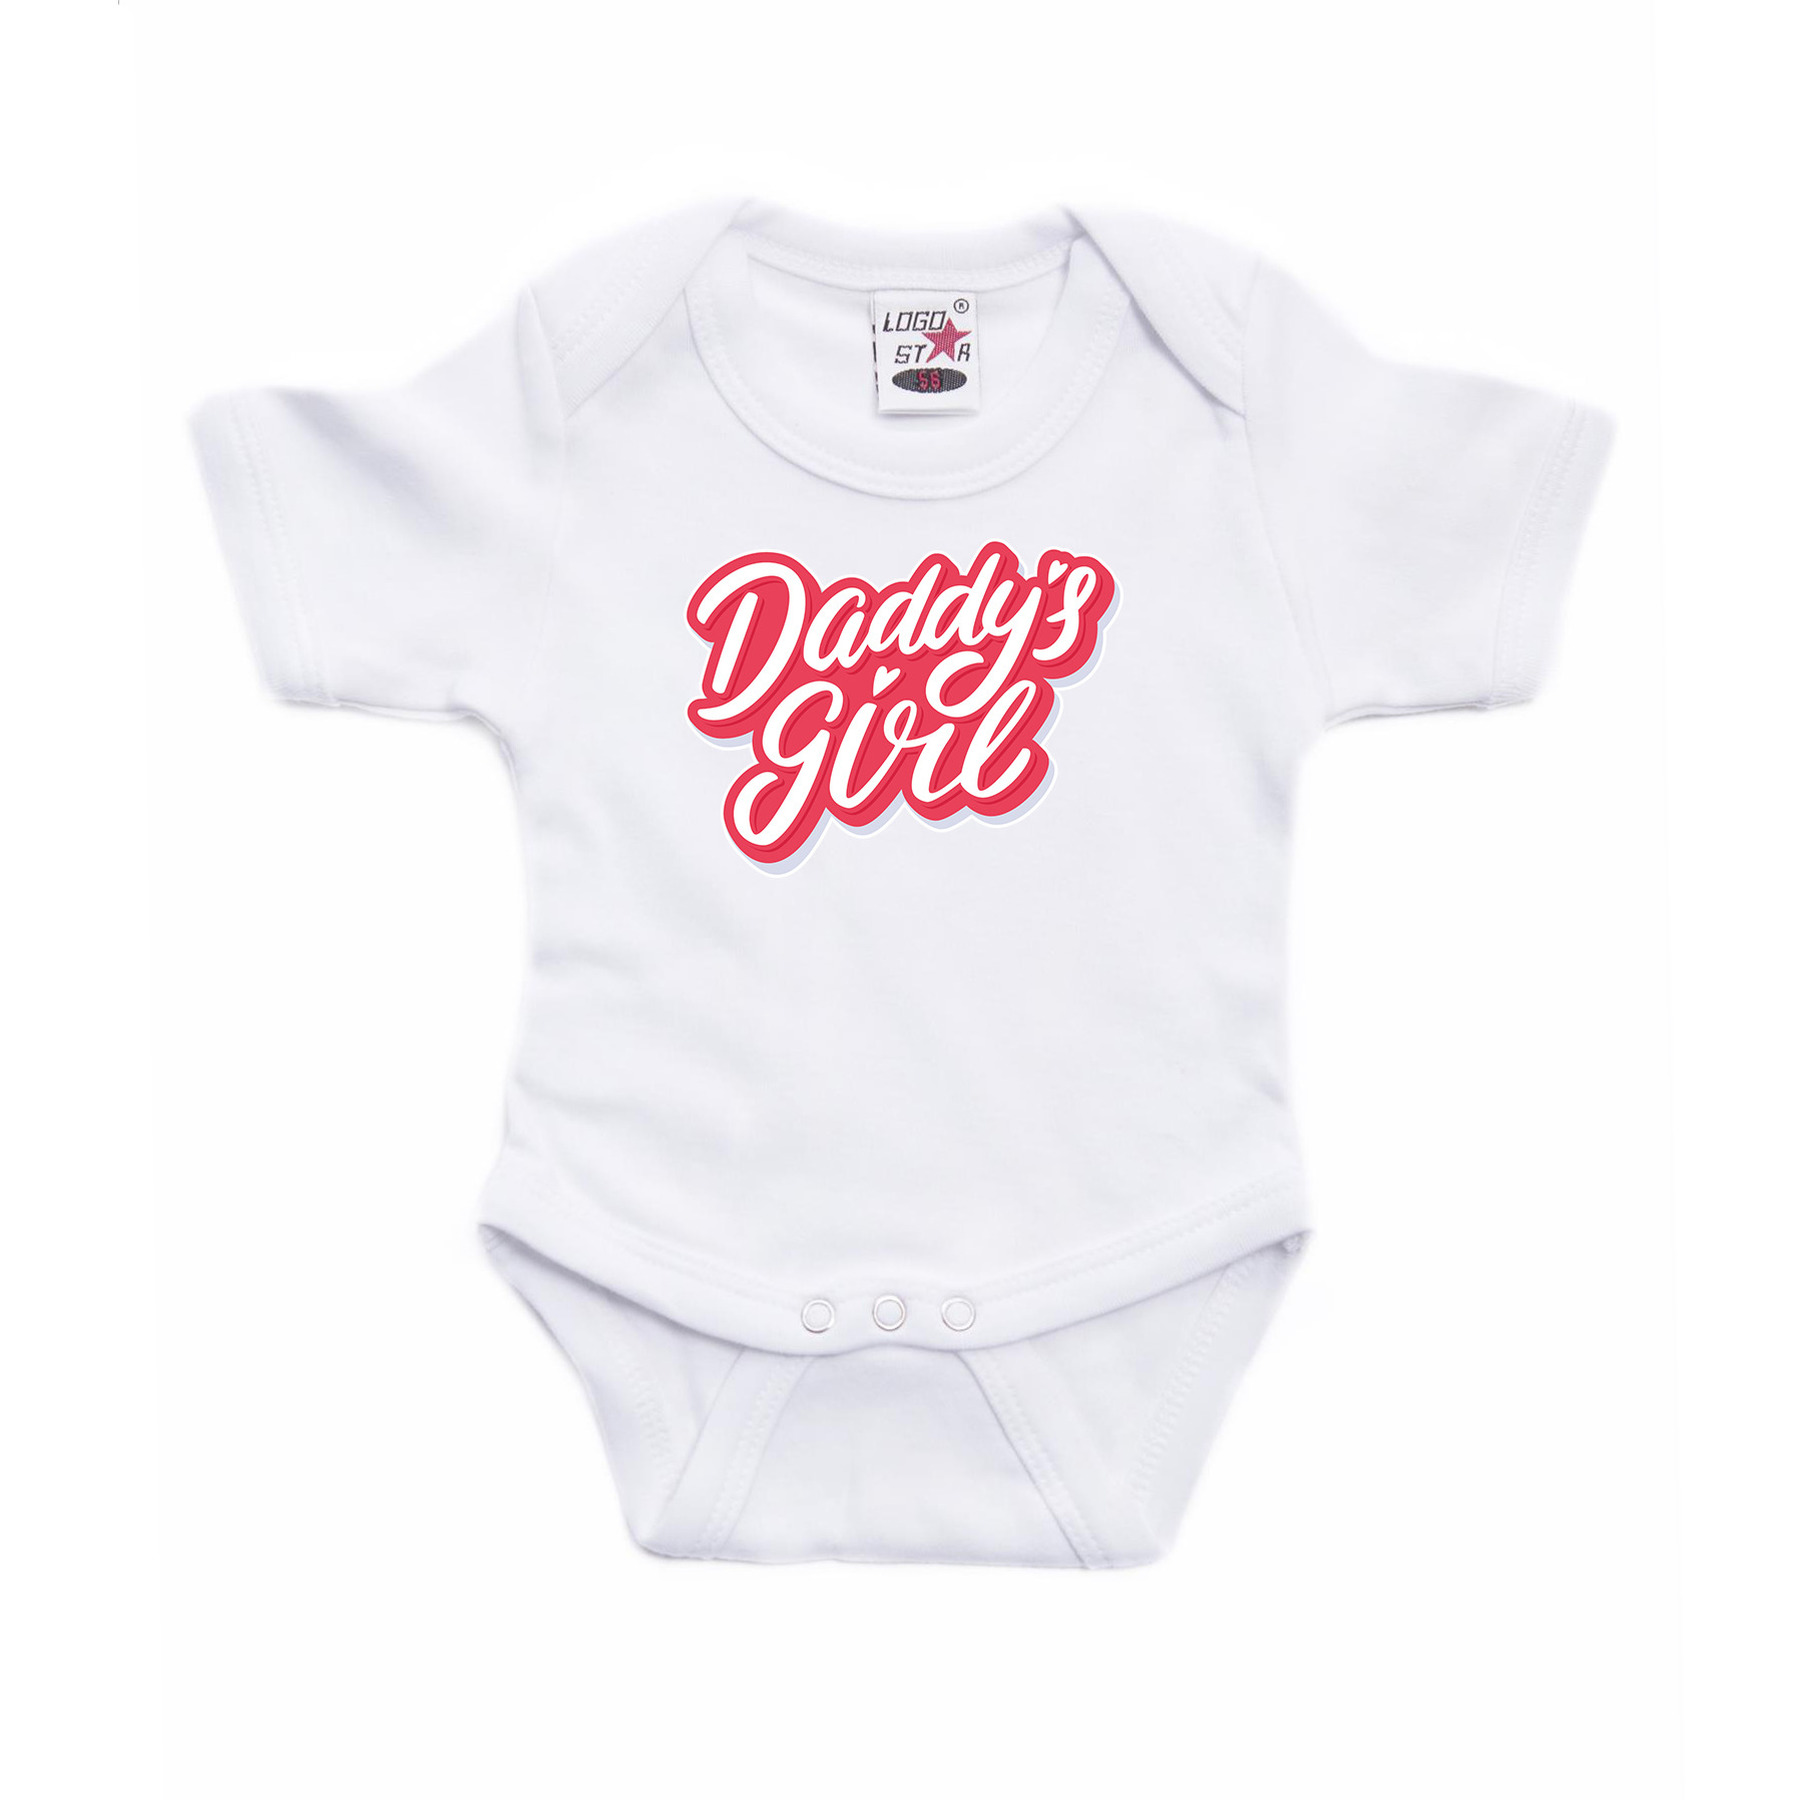 Daddys girl geboorte cadeau romper wit voor babys